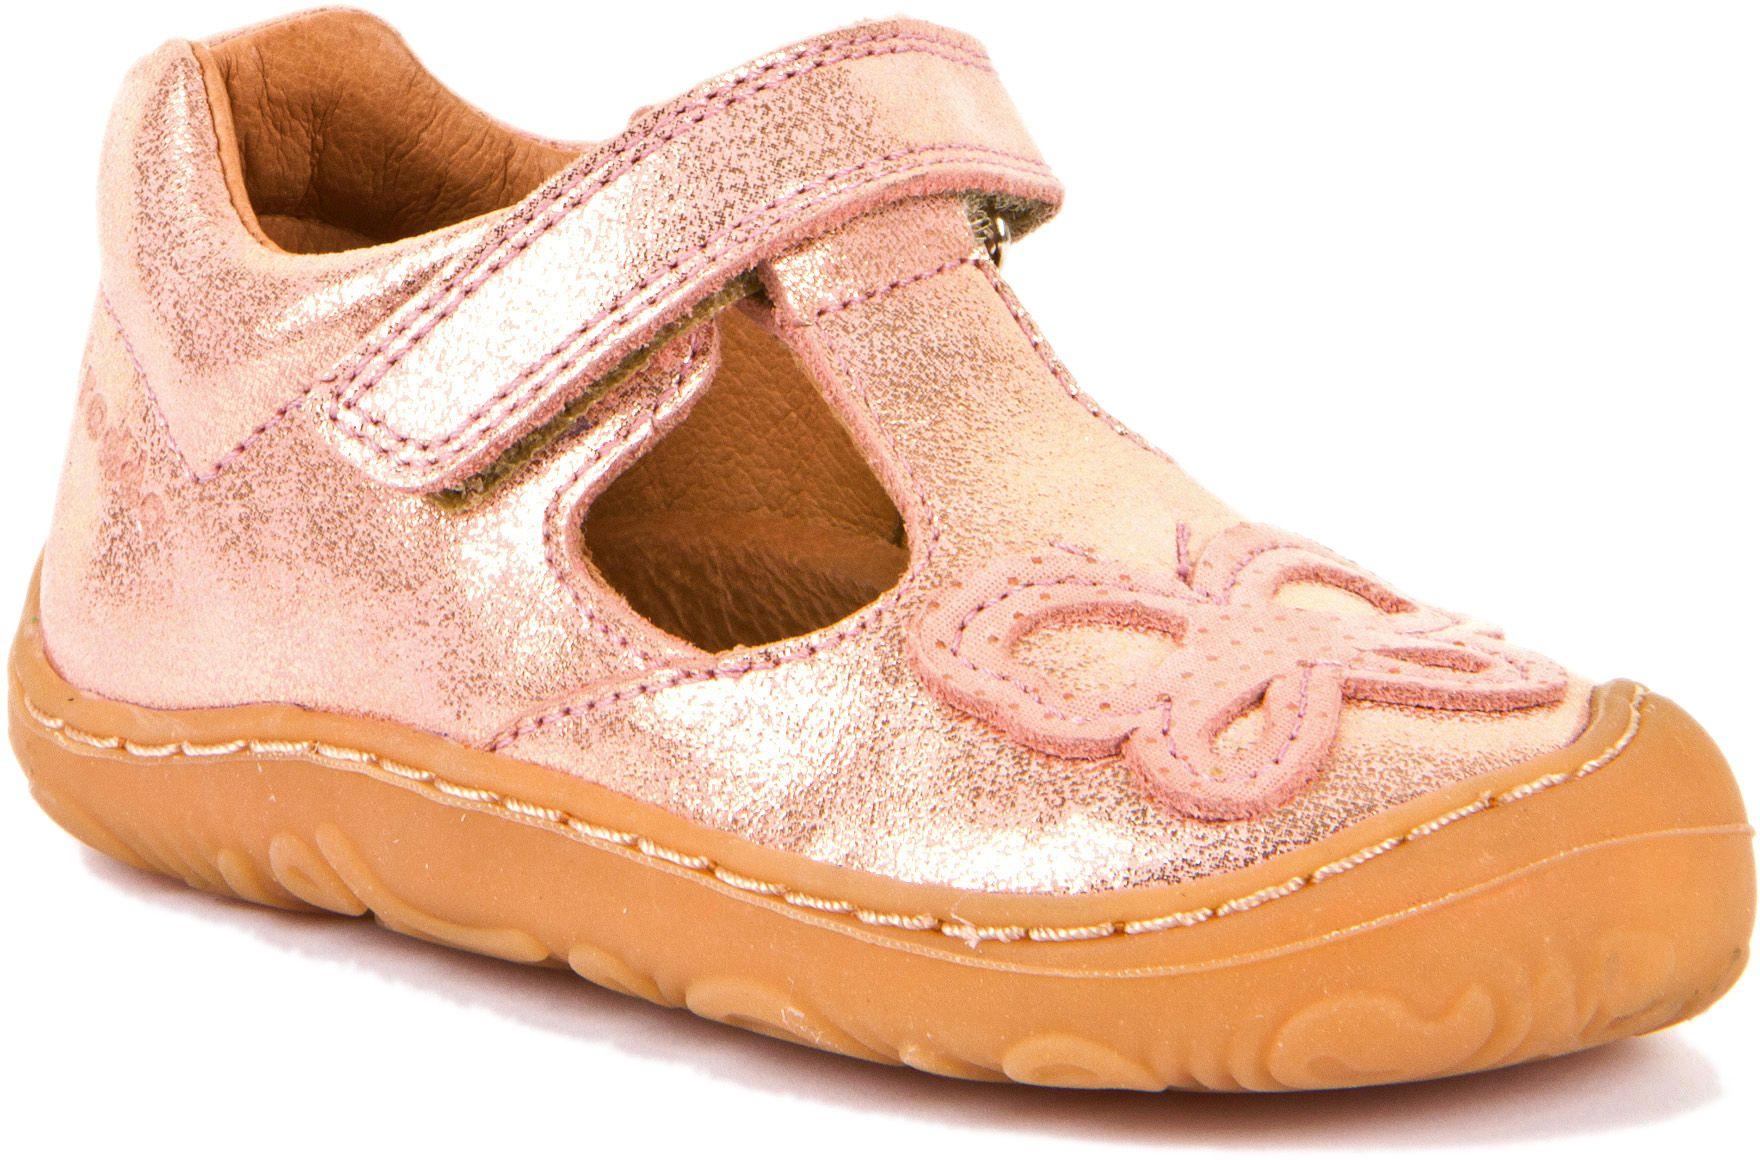 Froddo Lauflerner M Ballerina Pink+